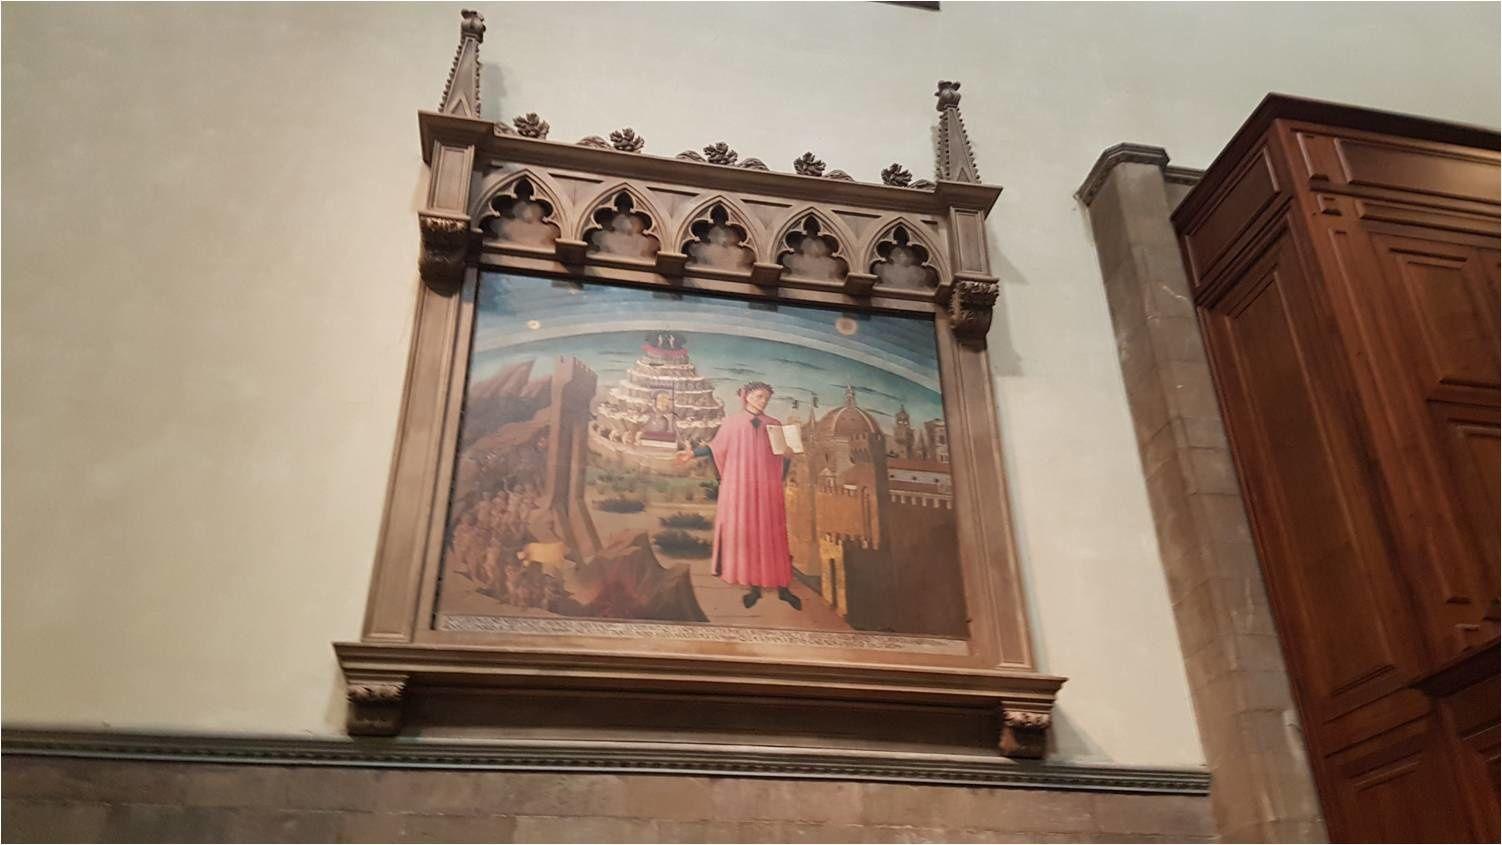 Cathédrale de Florence, 05/04/17 14:45